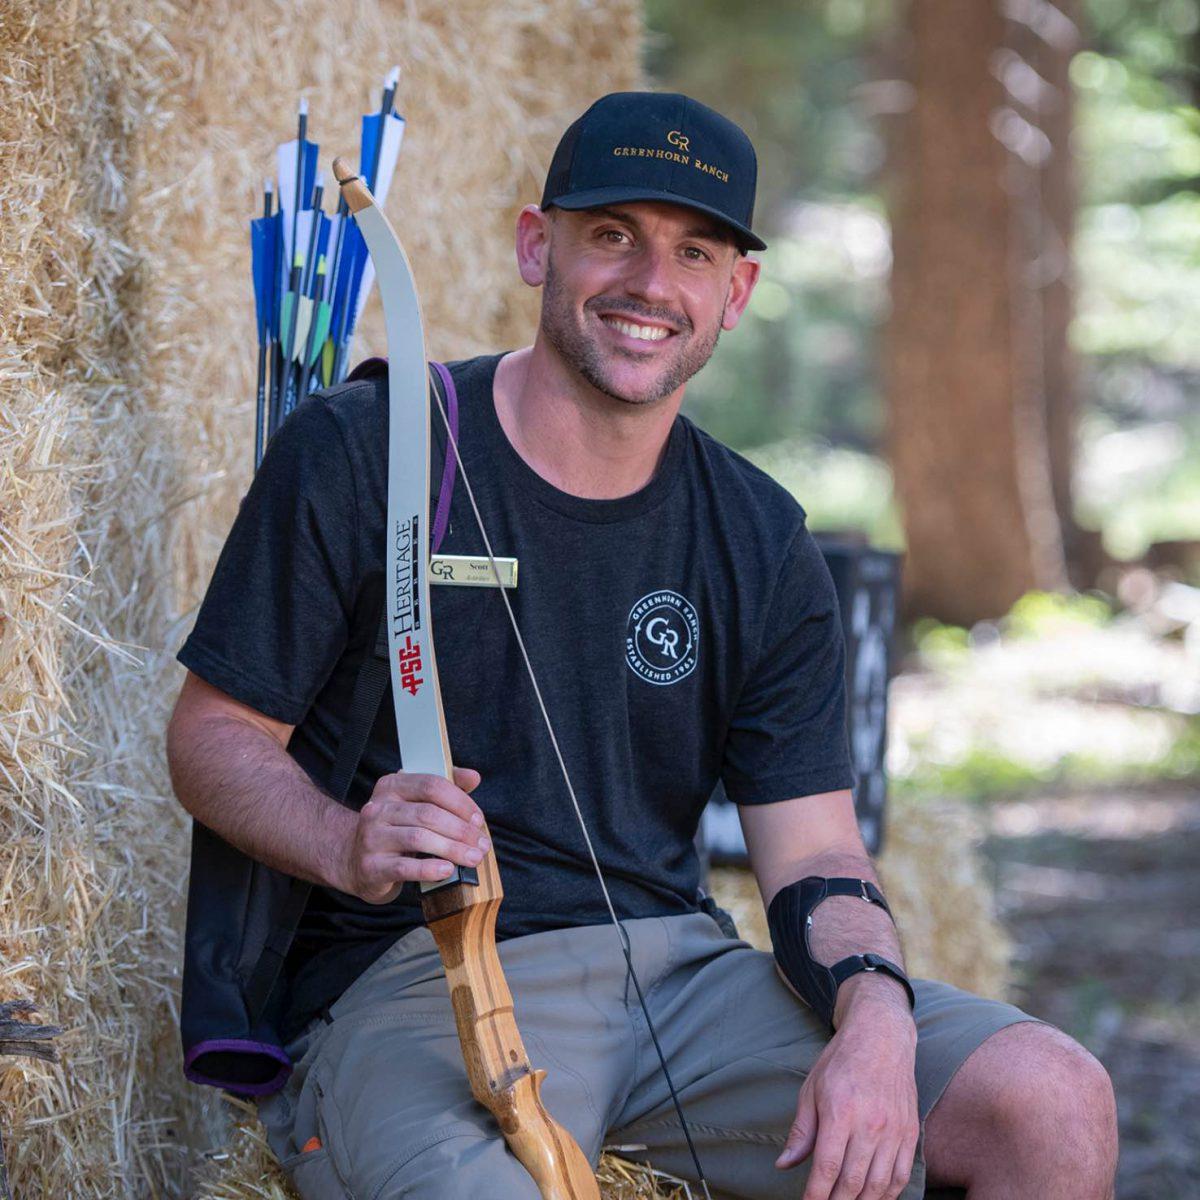 Scott - Activities Director at Greenhorn Ranch